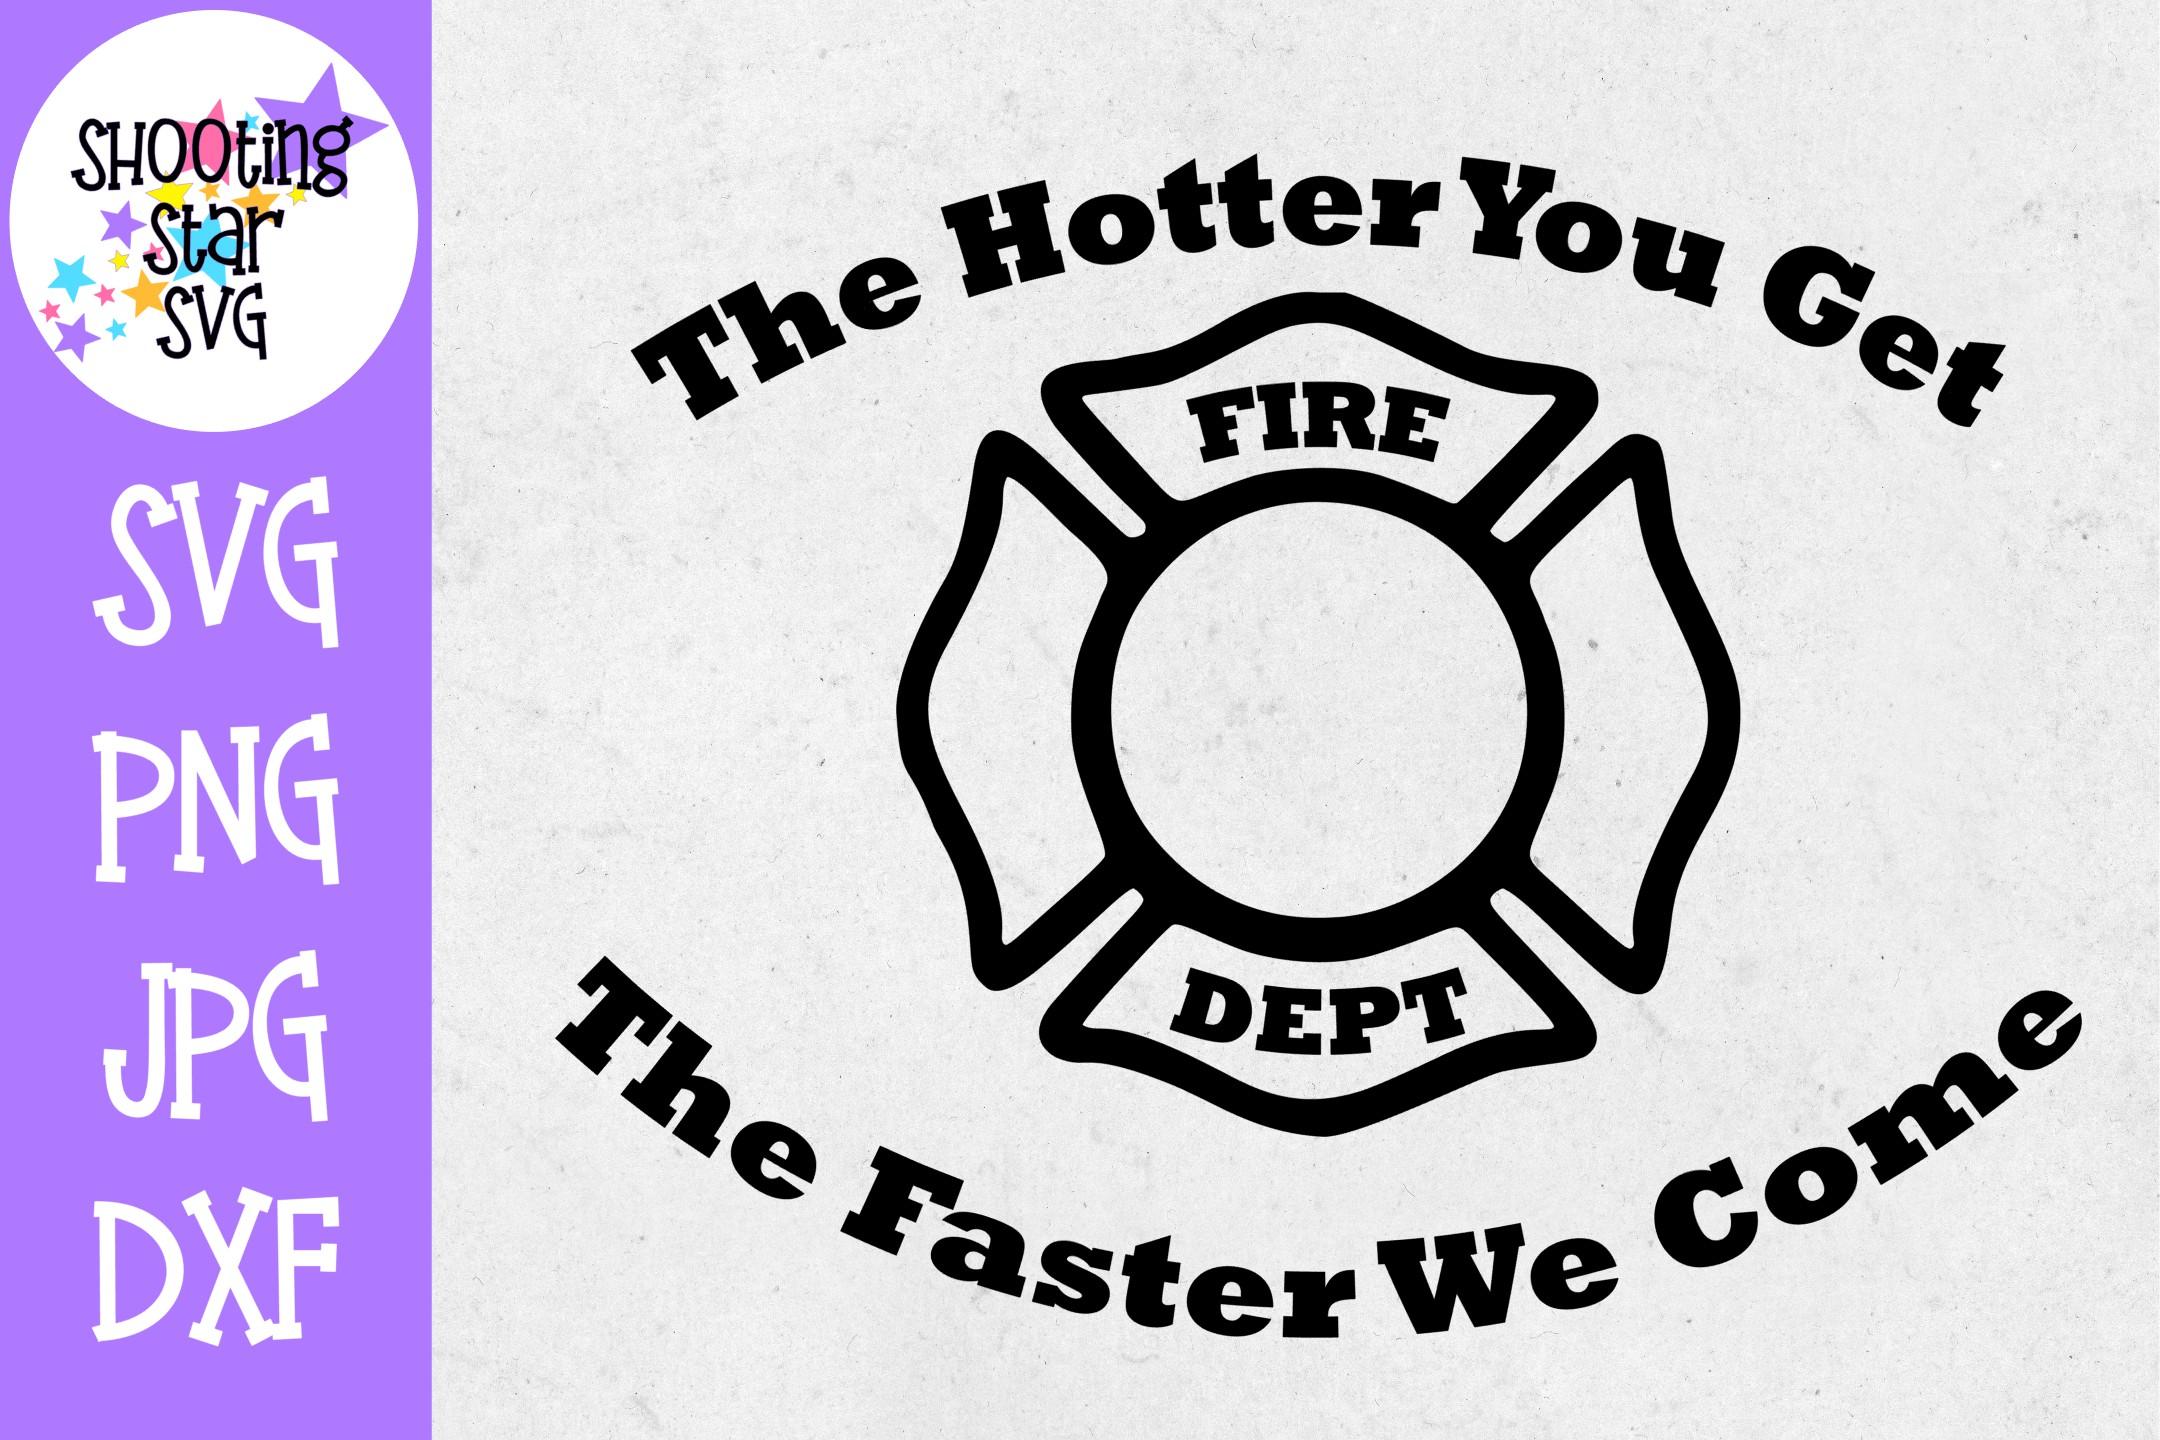 Firefighter Shirt SVG Bundle - Firefighter SVG - Fire SVG example image 3